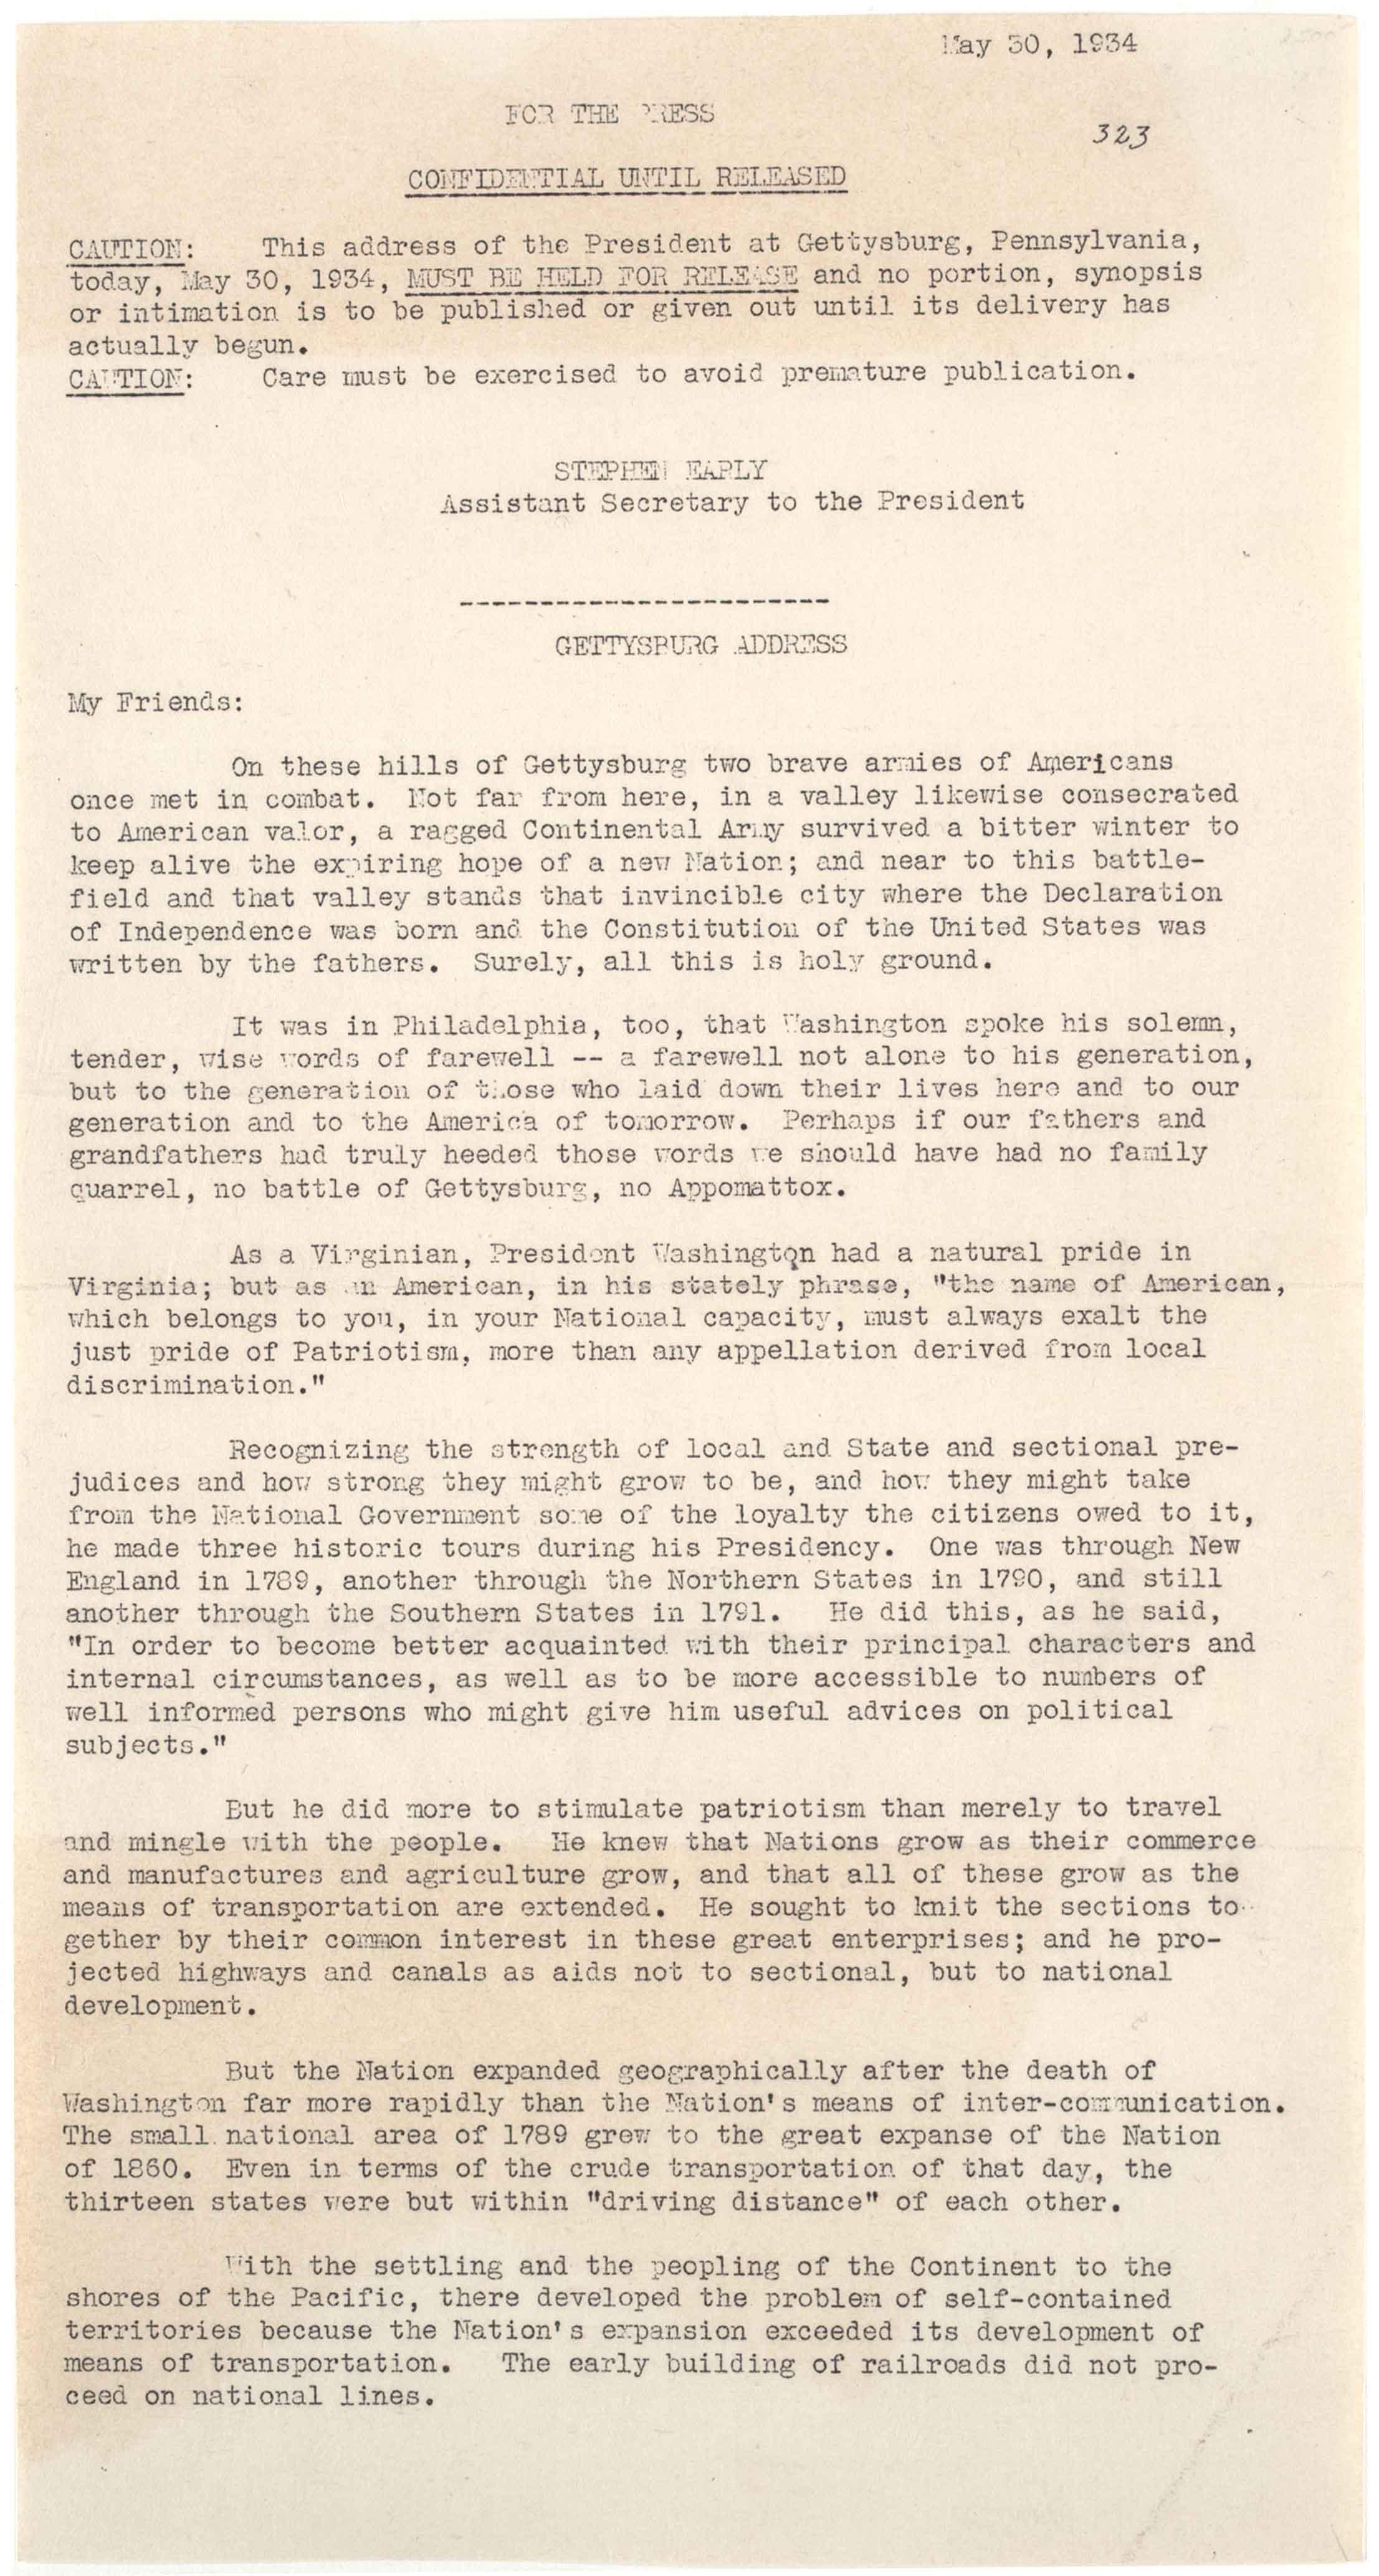 Franklin D. Roosevelt, [Press release of speech delivered on Memorial Day at Get